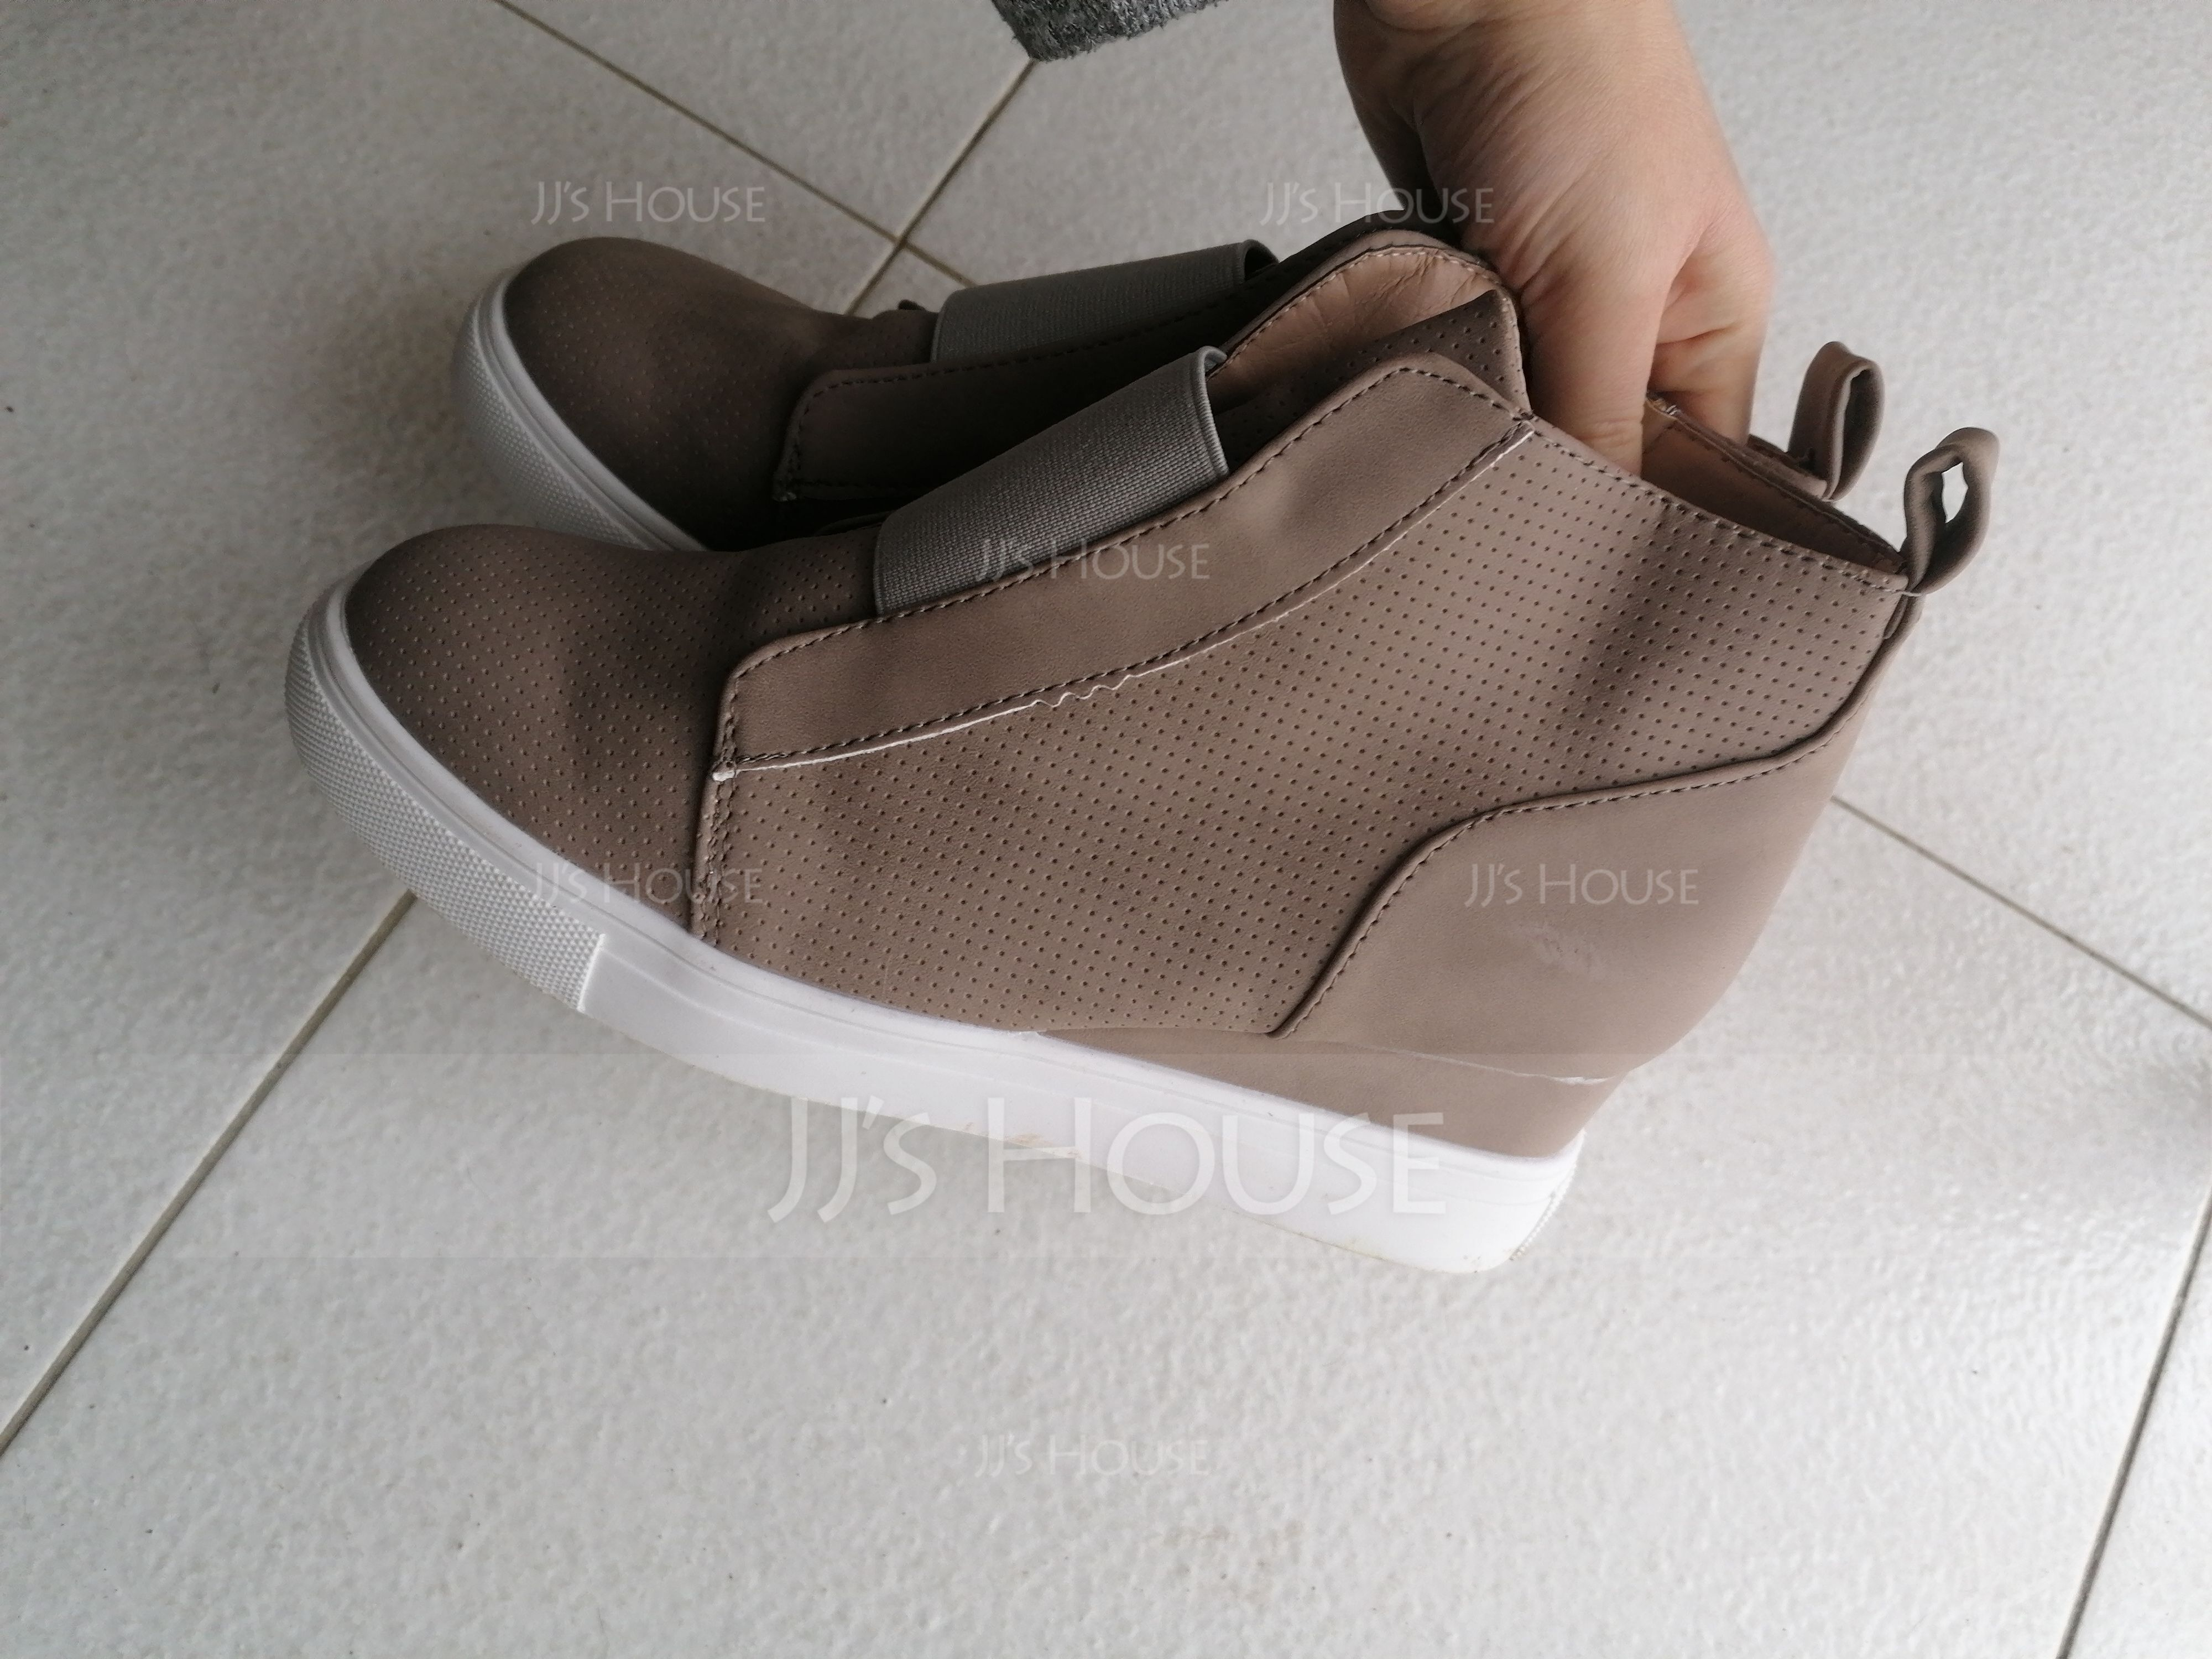 女性用 スエード ウエッジヒール プラットフォーム ウェッジ とともに ジッパー 靴